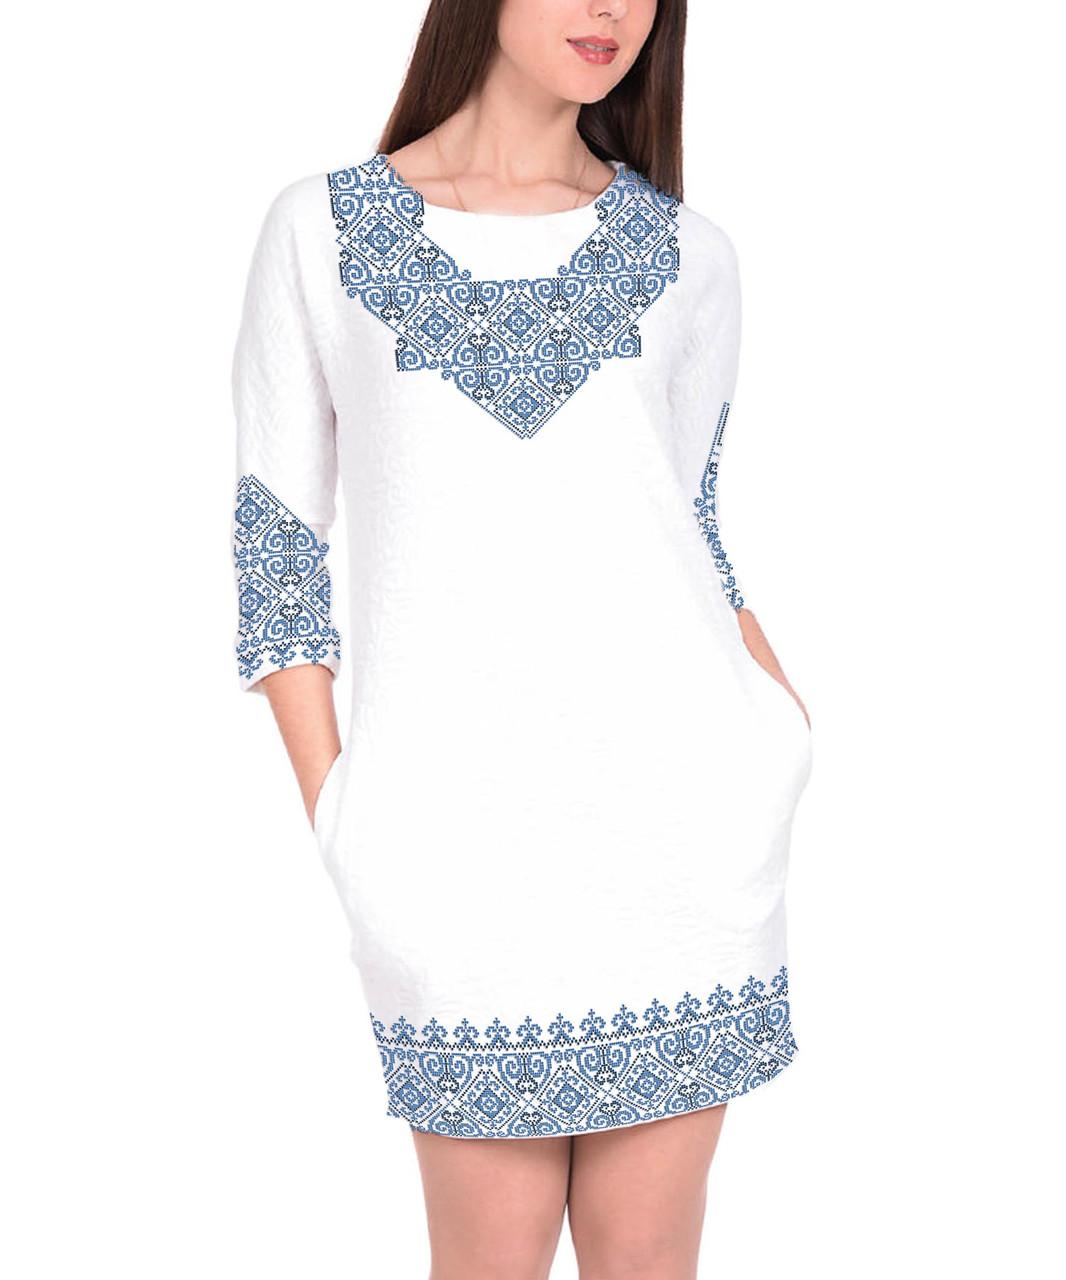 Заготовка жіночого плаття чи сукні для вишивки та вишивання бісером Бисерок  «Мотив» (П-157 ГБ) Габардин